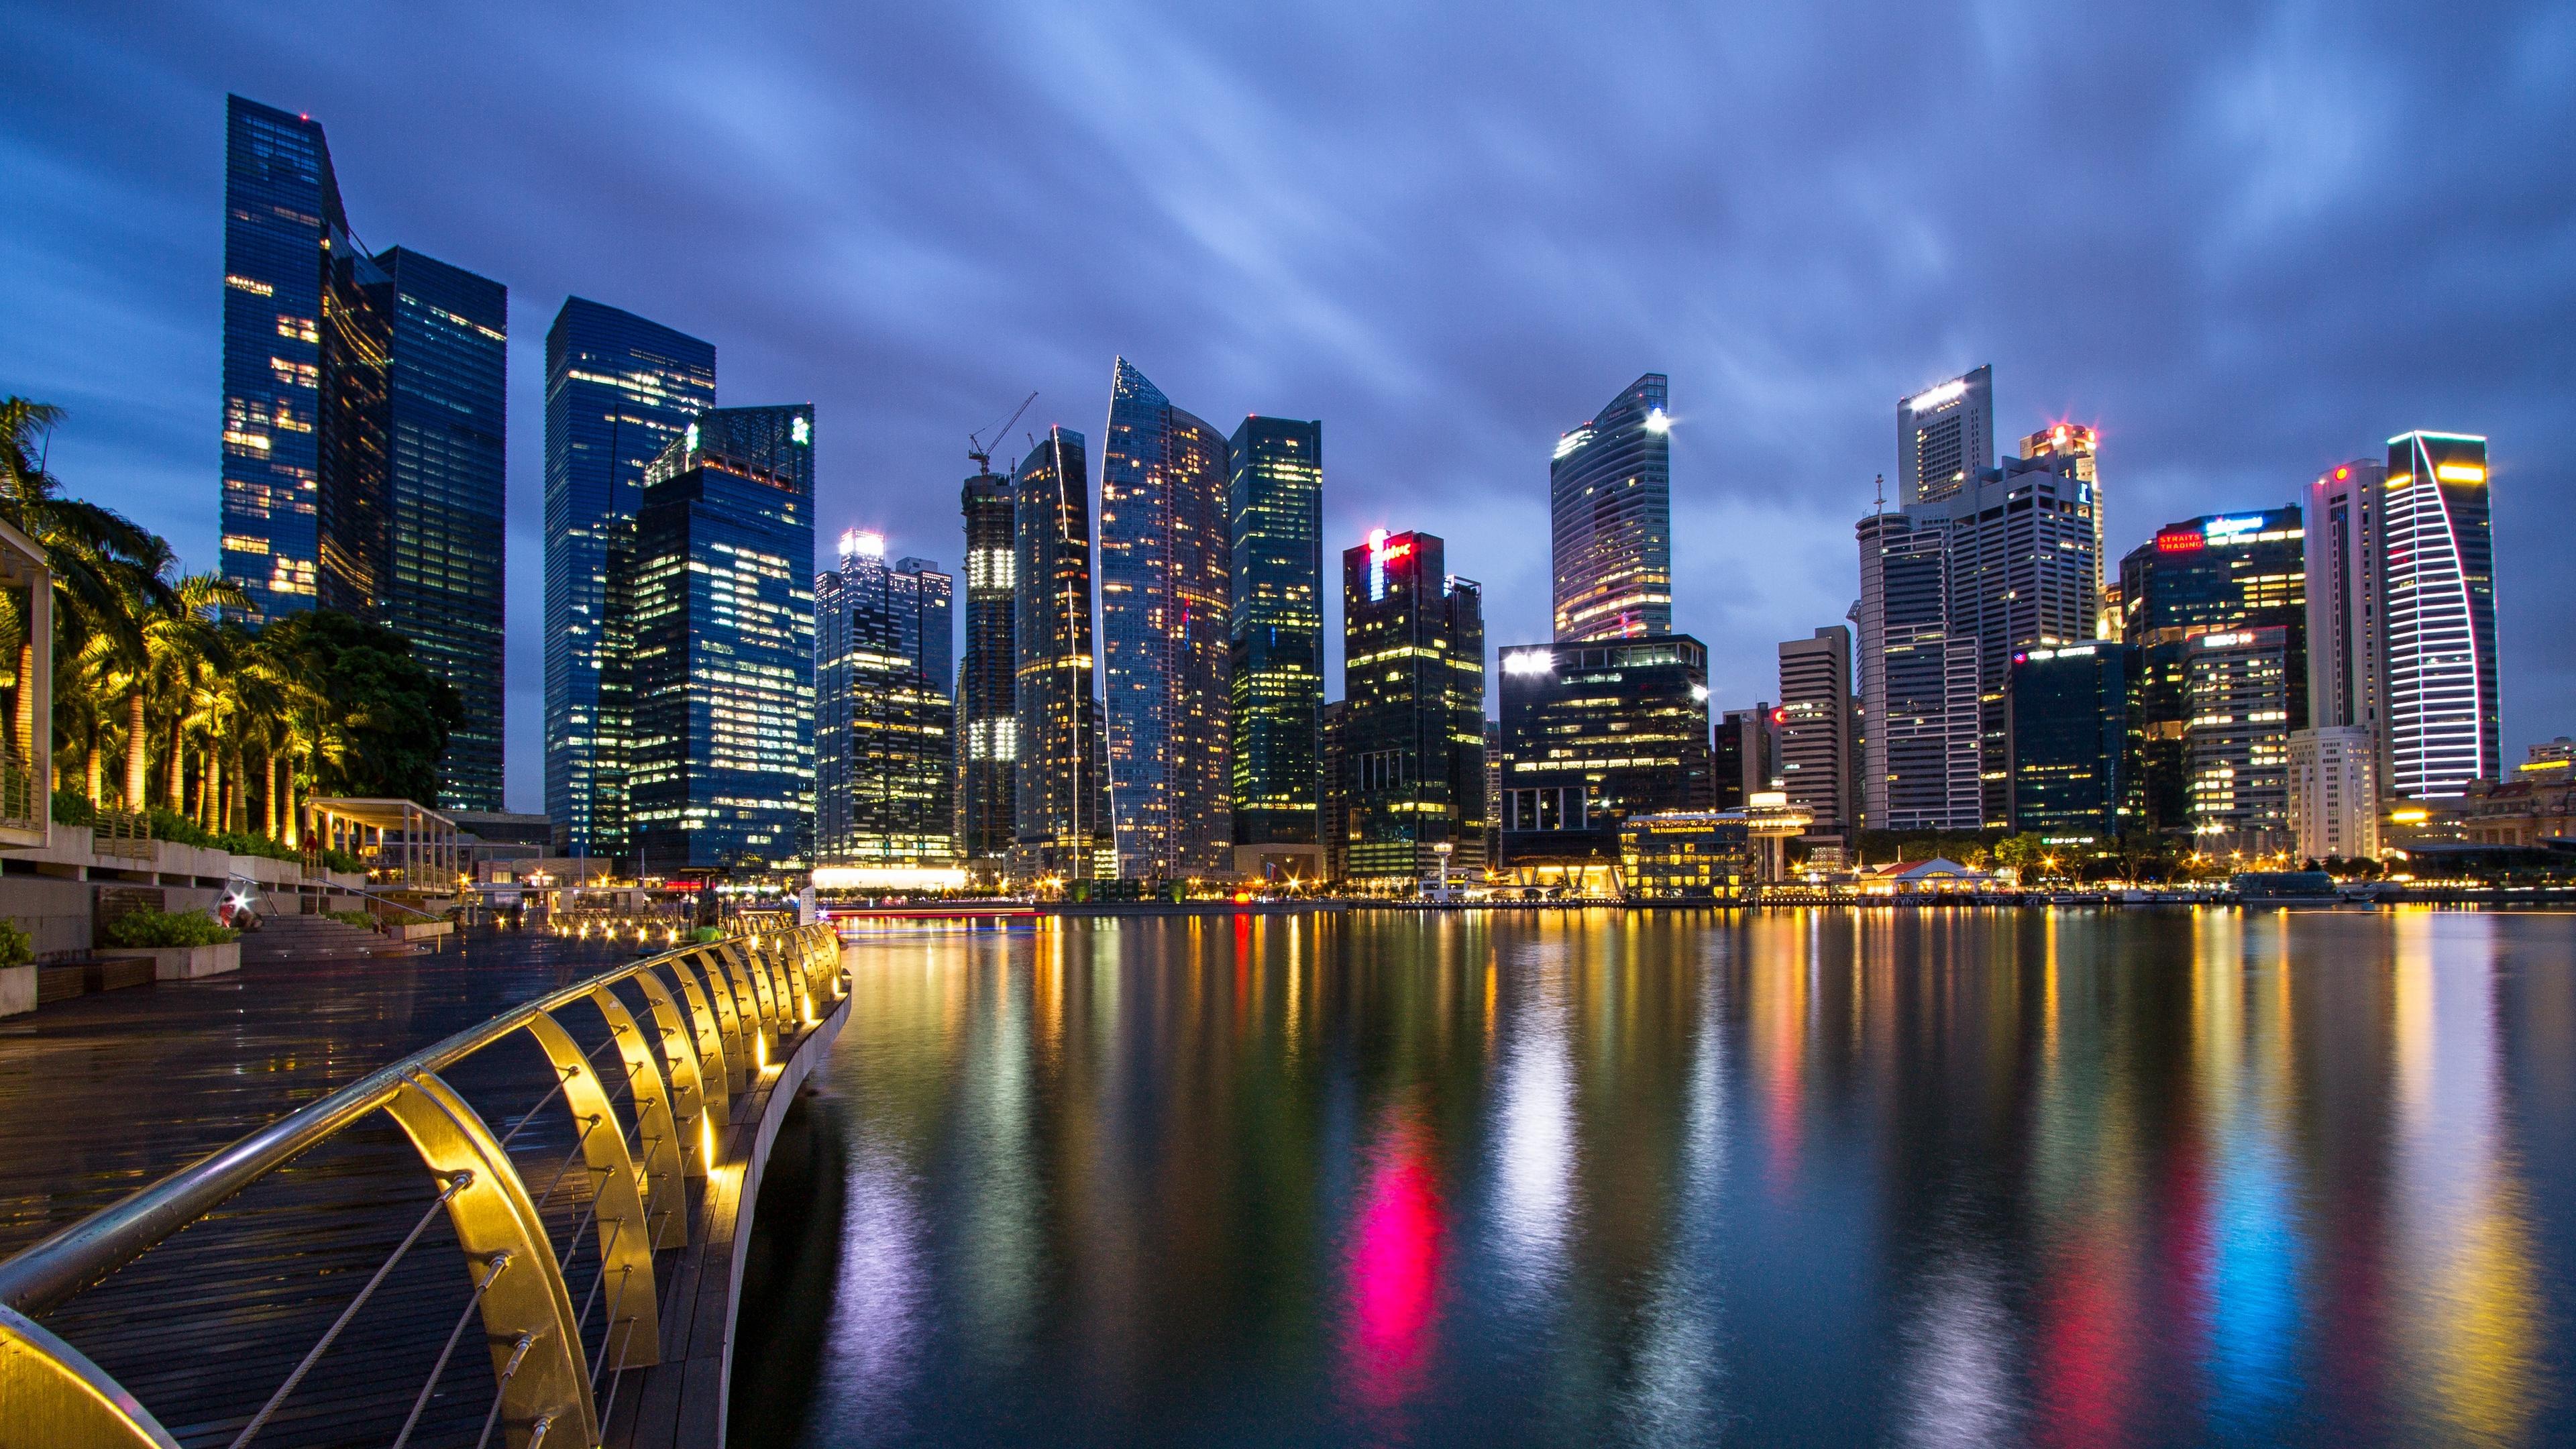 malaysia singapore city state metropolis skyscrapers night lights light blue sky bridge embankment spilling 4k 1538068051 - malaysia, singapore, city-state, metropolis, skyscrapers, night, lights, light blue, sky, bridge, embankment, spilling 4k - Singapore, Malaysia, city-state